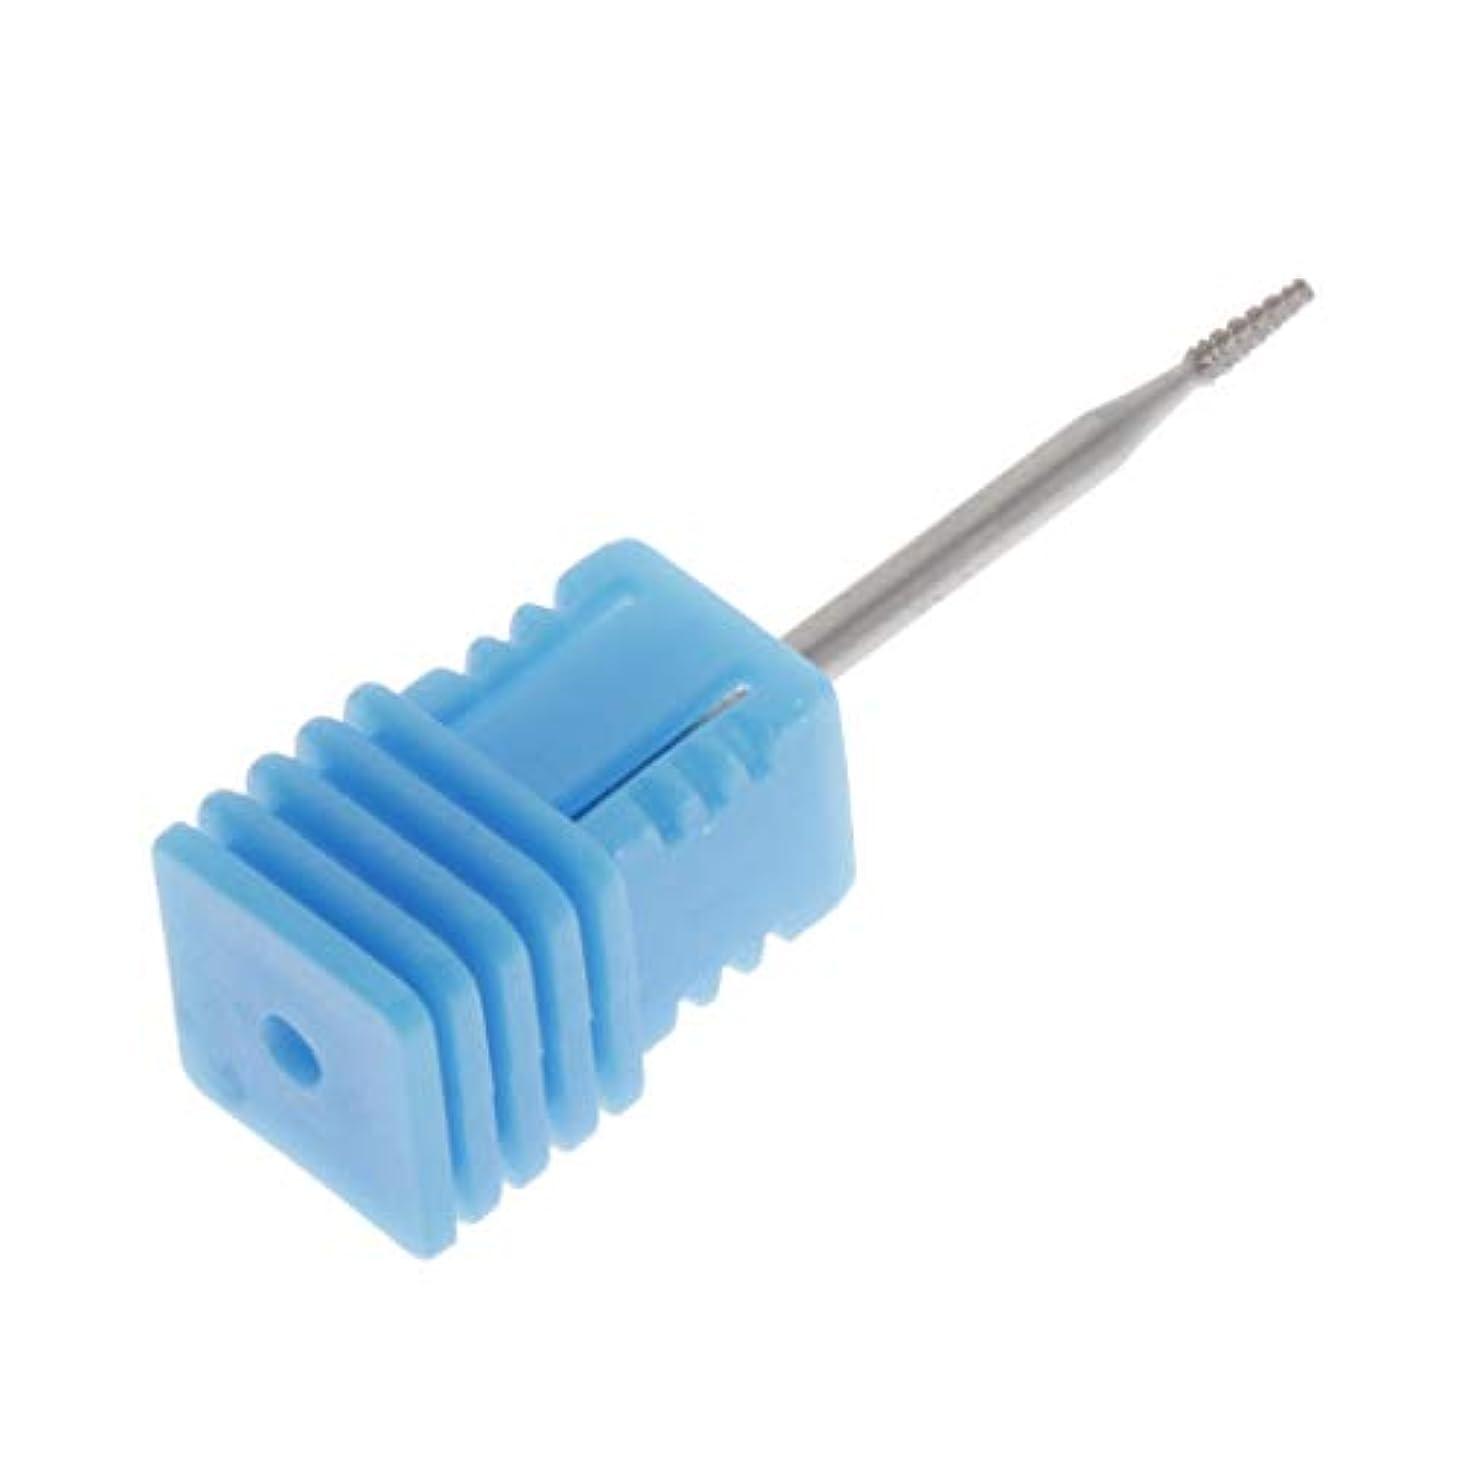 自由感性鷲Perfeclan ネイル グラインド ヘッド ドリルビット ネイルビット 爪磨き 爪やすり ネイルケアツール 全3カラー - 01